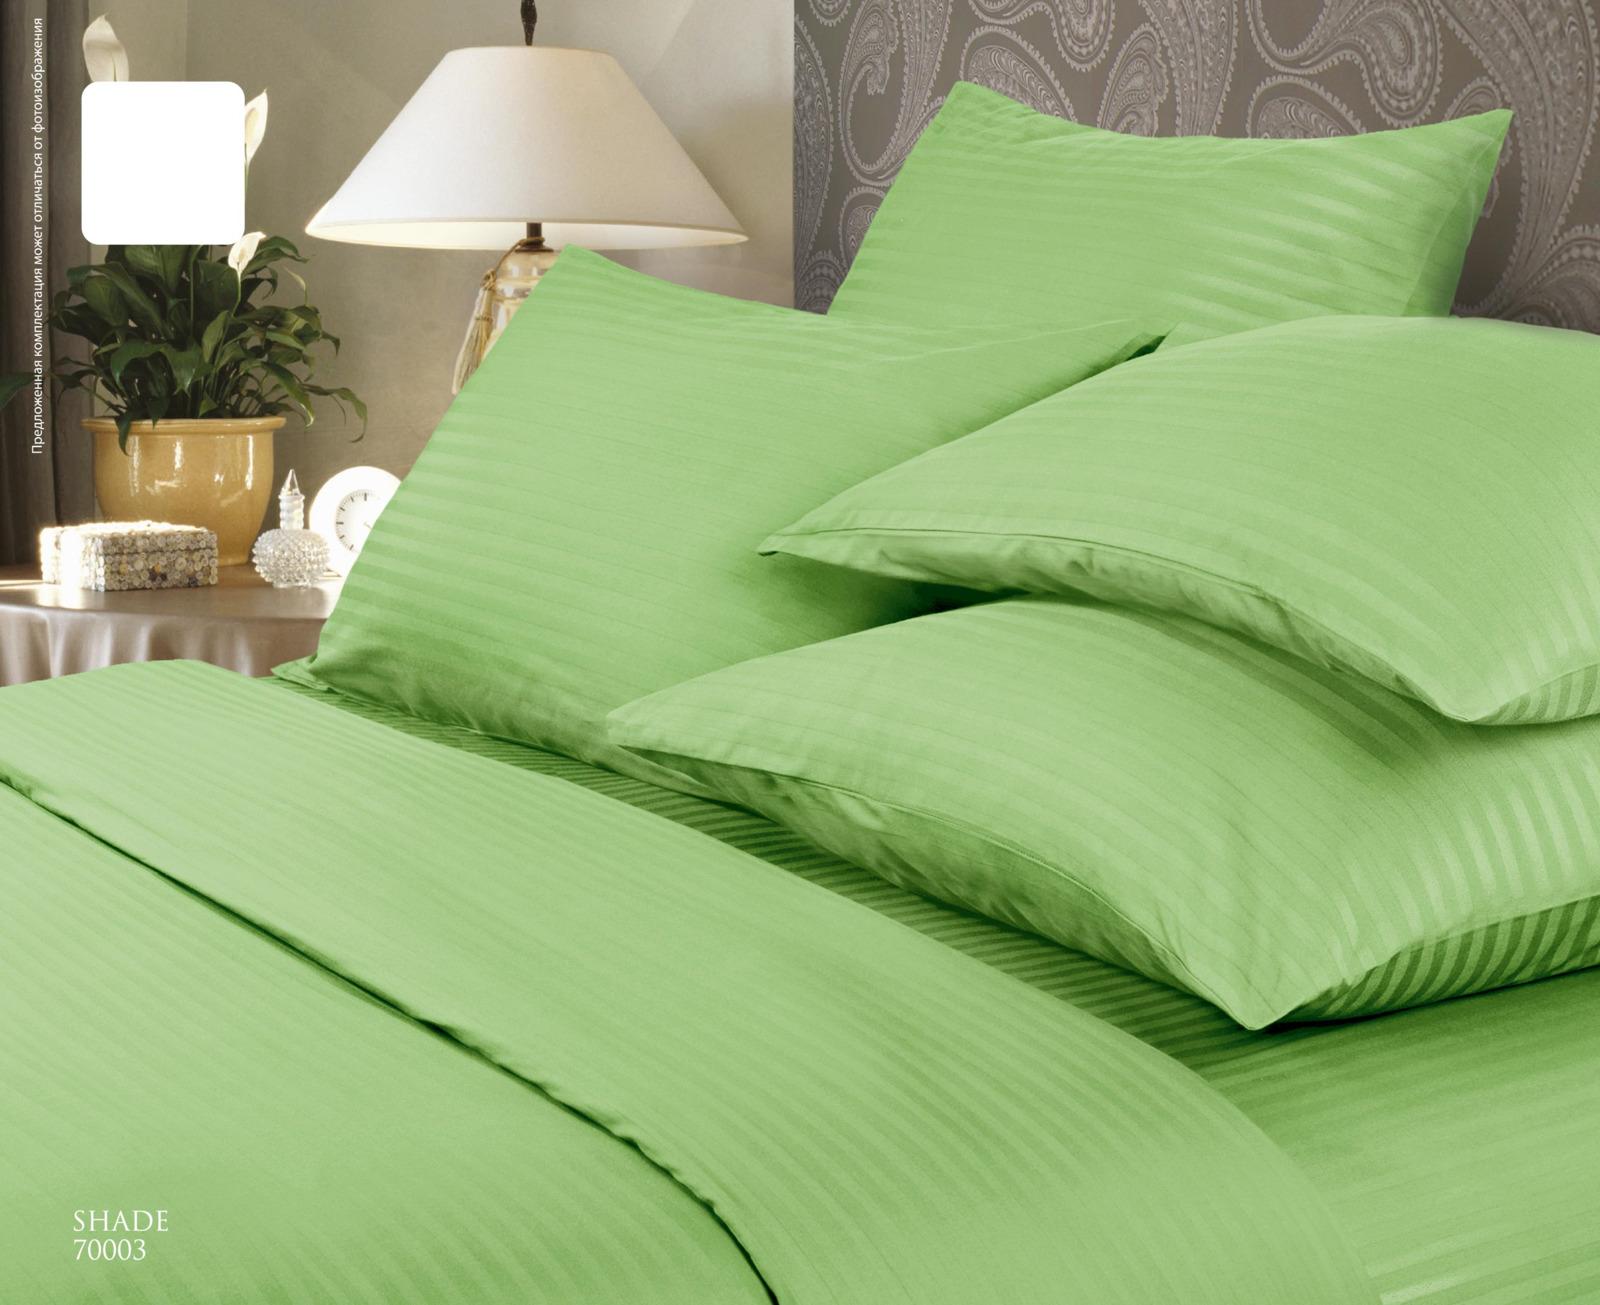 Фото - Комплект белья Verossa Shade, 2-спальный, наволочки 50x70. 727054 комплект белья verossa violet 1 5 спальный наволочки 50x70